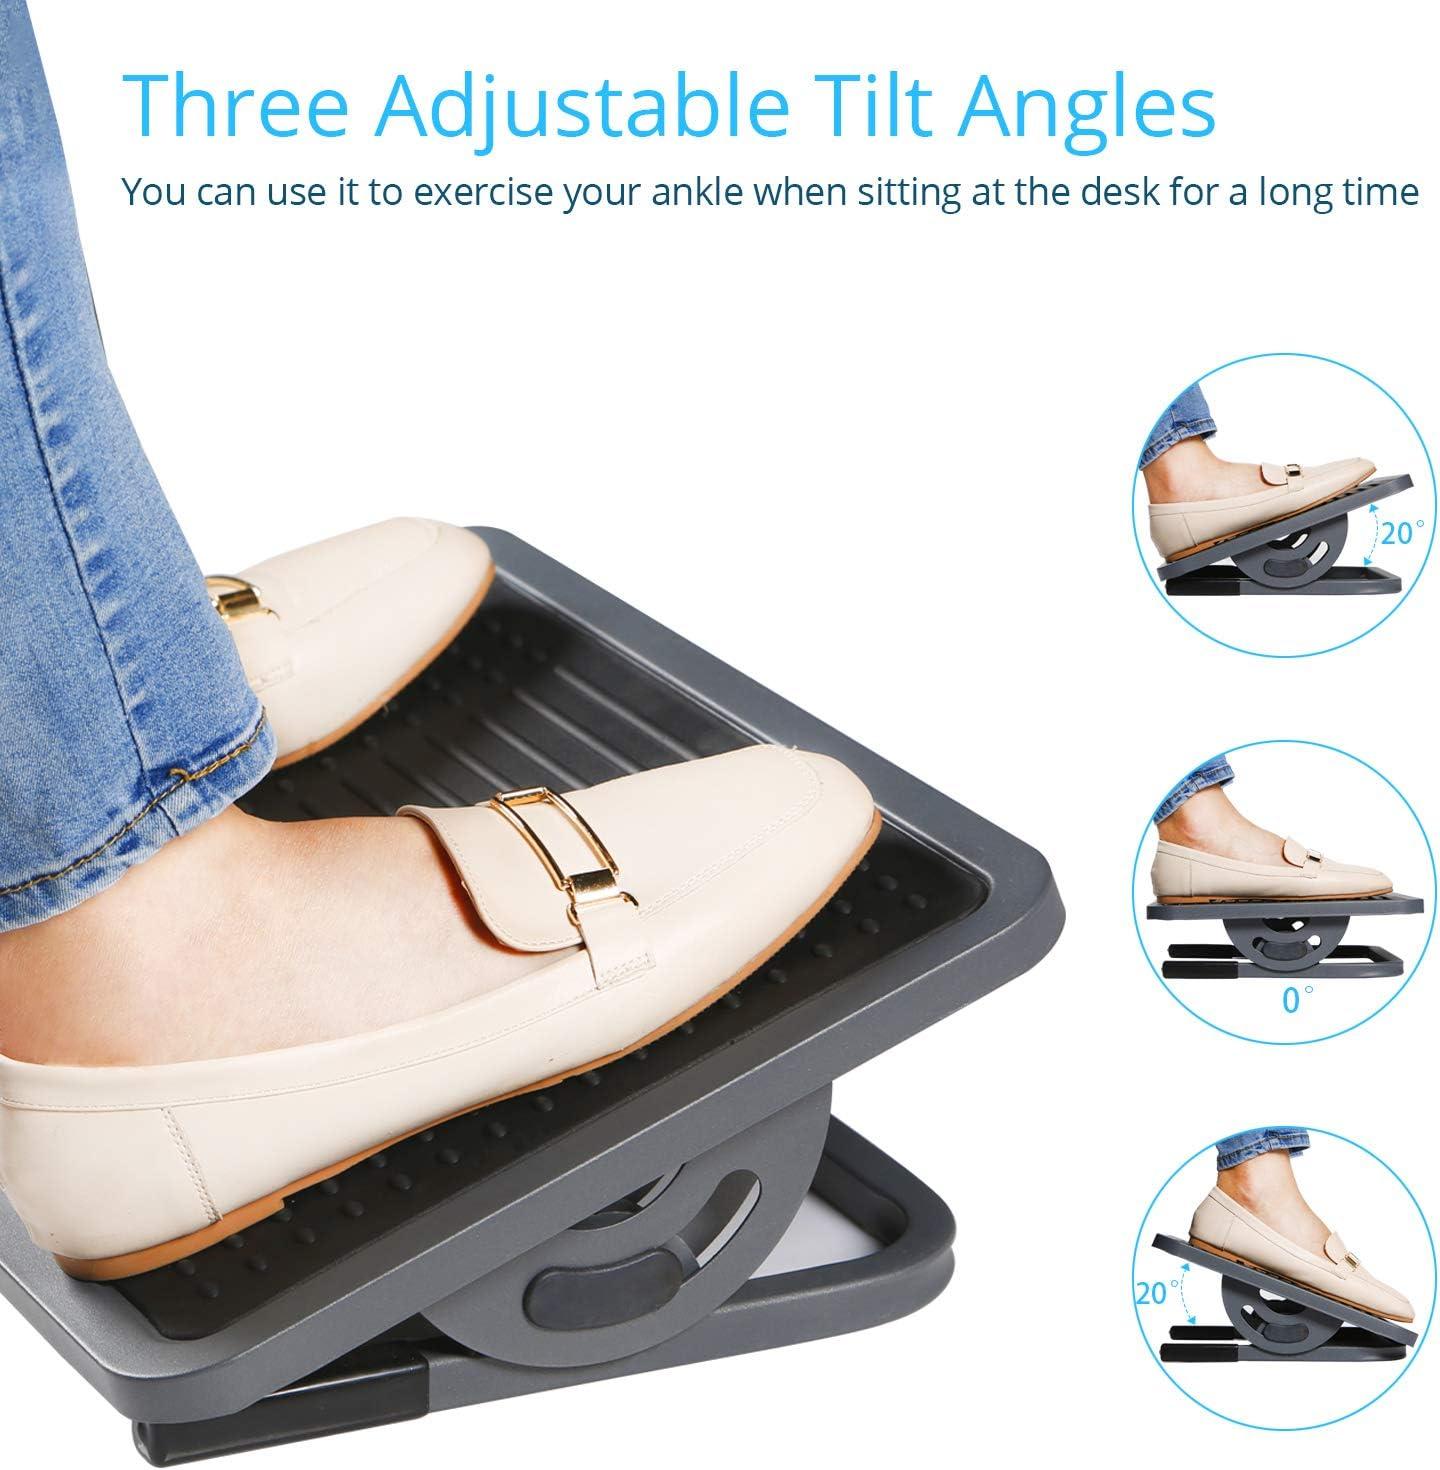 DESIGNA Adjustable Under Desk Footrest with Massage Surface, Ergonomic Foot Rest Tilt Angle Adjustment for Home Office, Metal, Black & Gray : Office Products